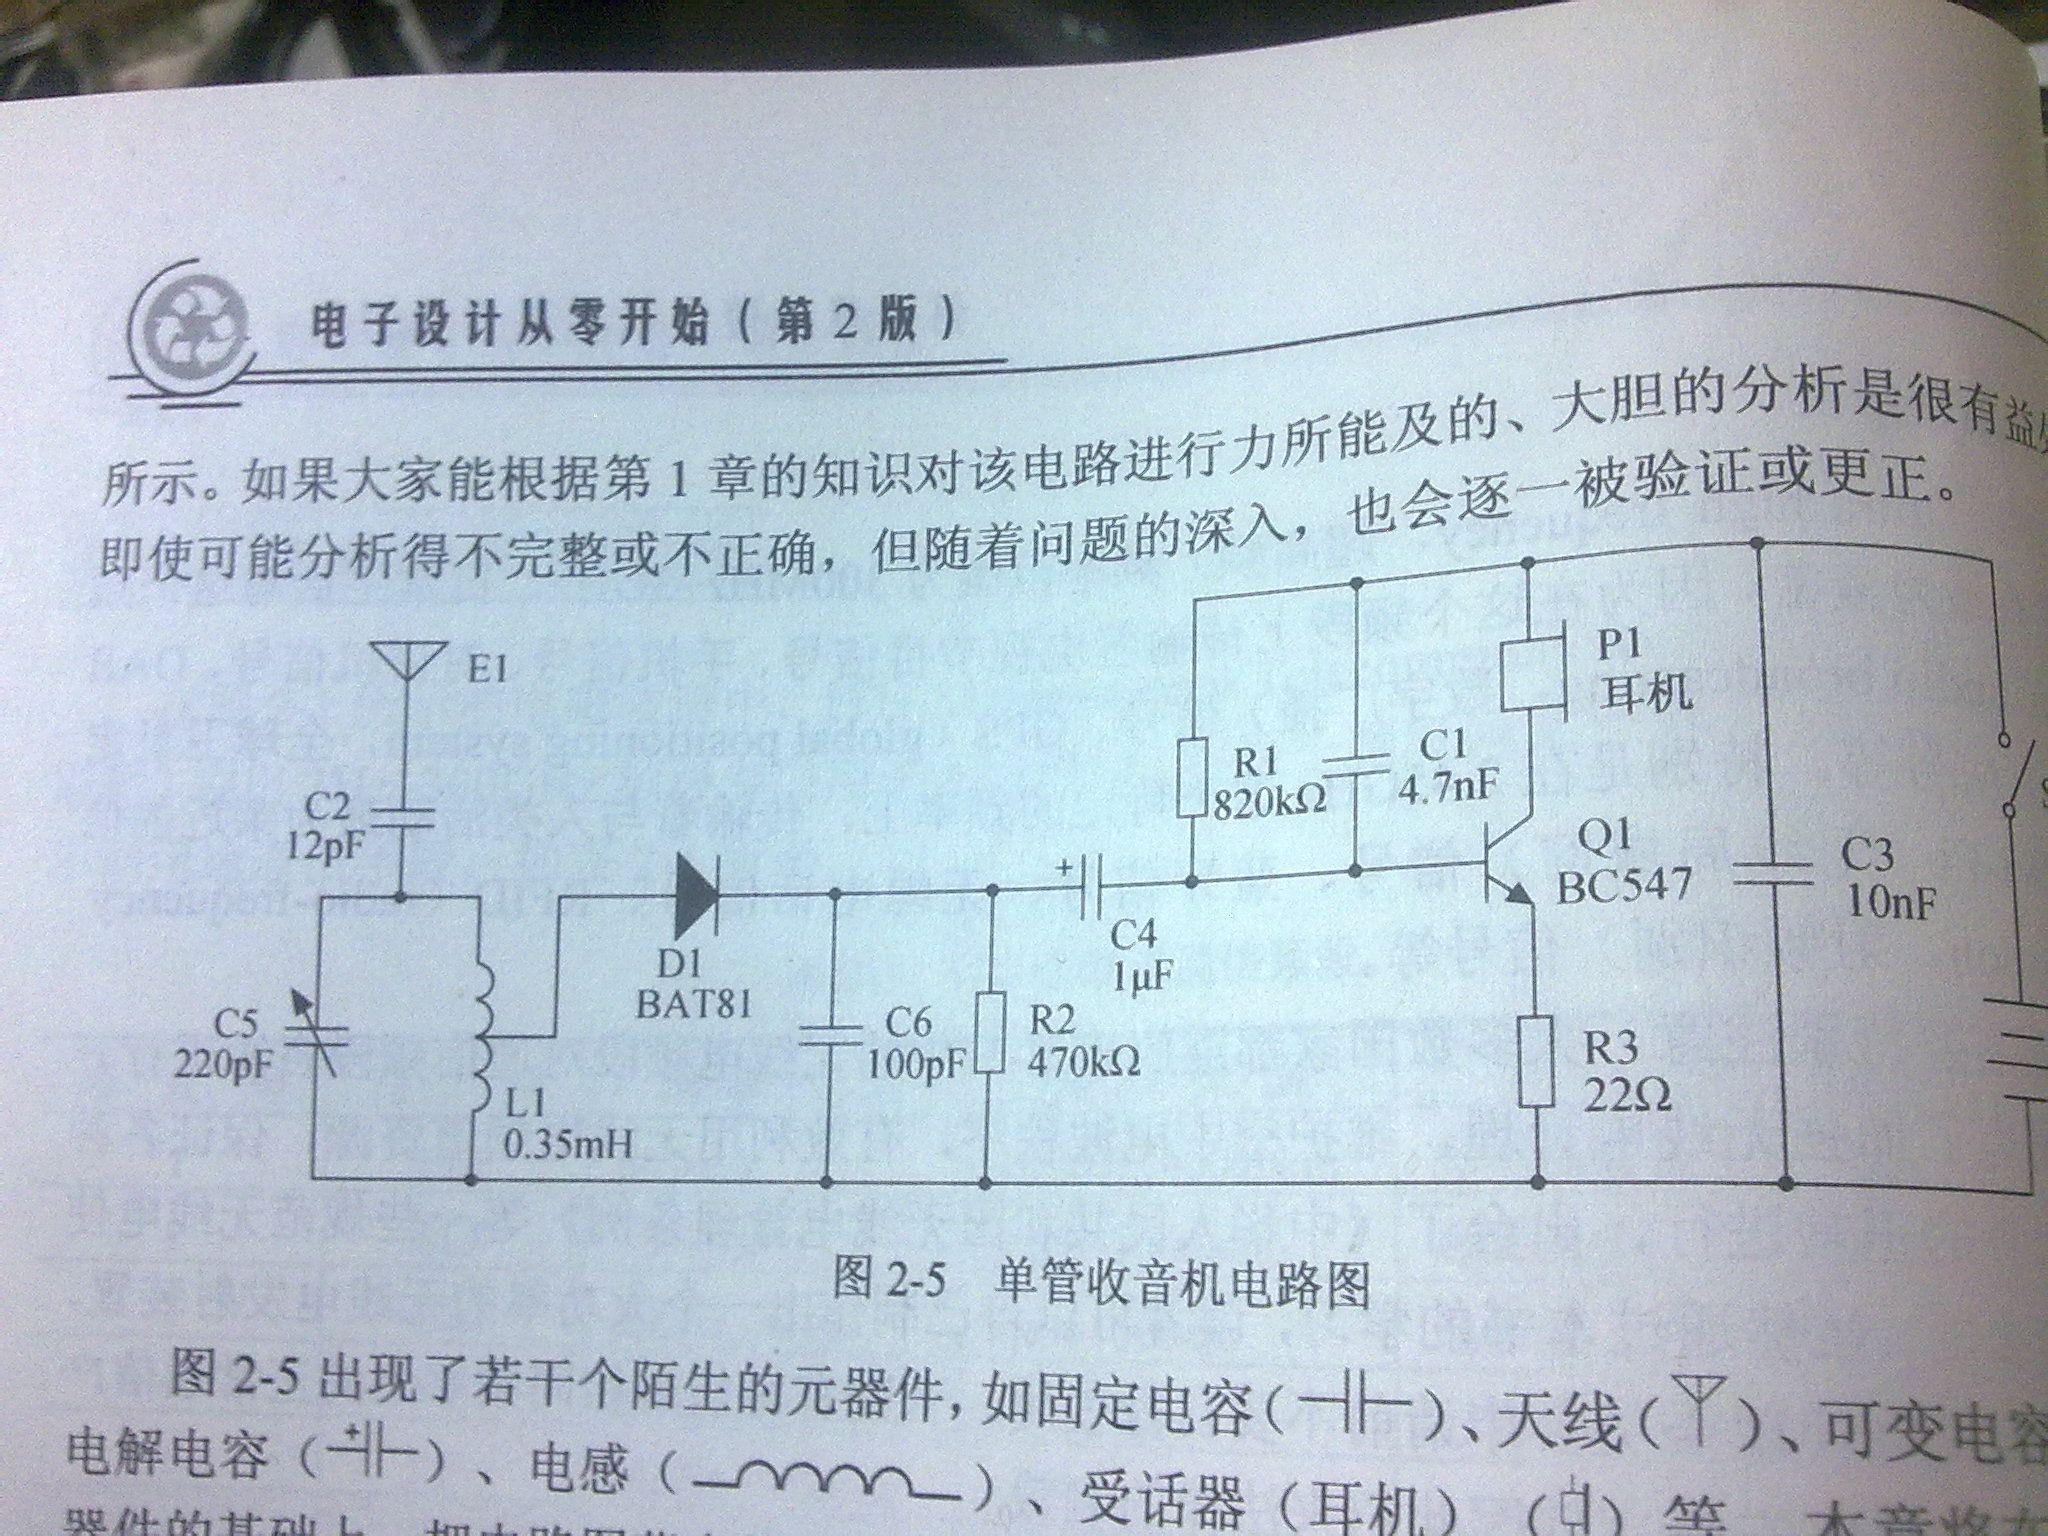 单管收音机电路图怎么分析每个元件的功能,还有就是那些元件大小是